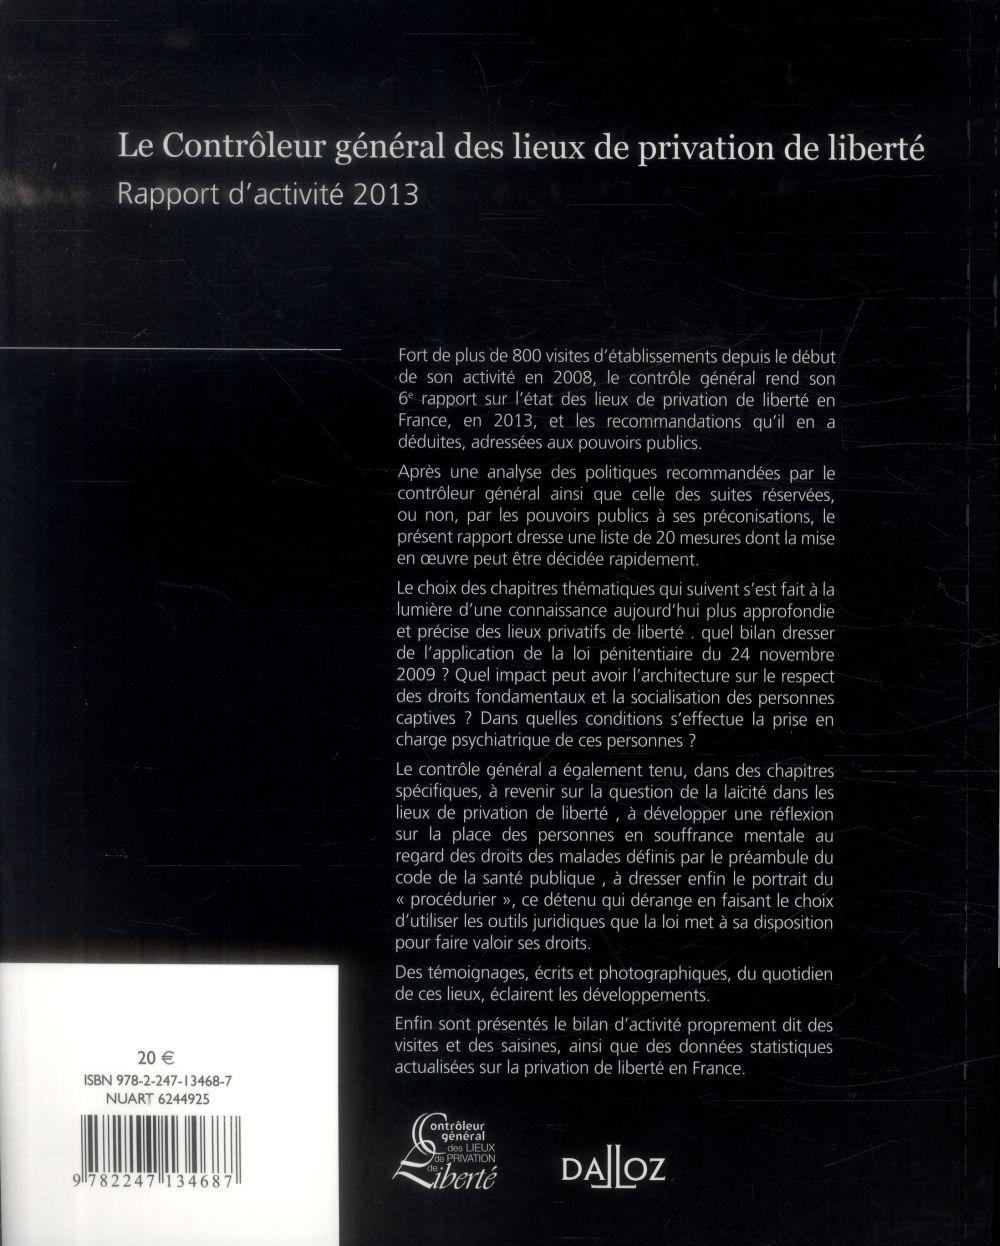 Le contrôleur général des lieux de privation de liberté ; rapport d'activité 2013